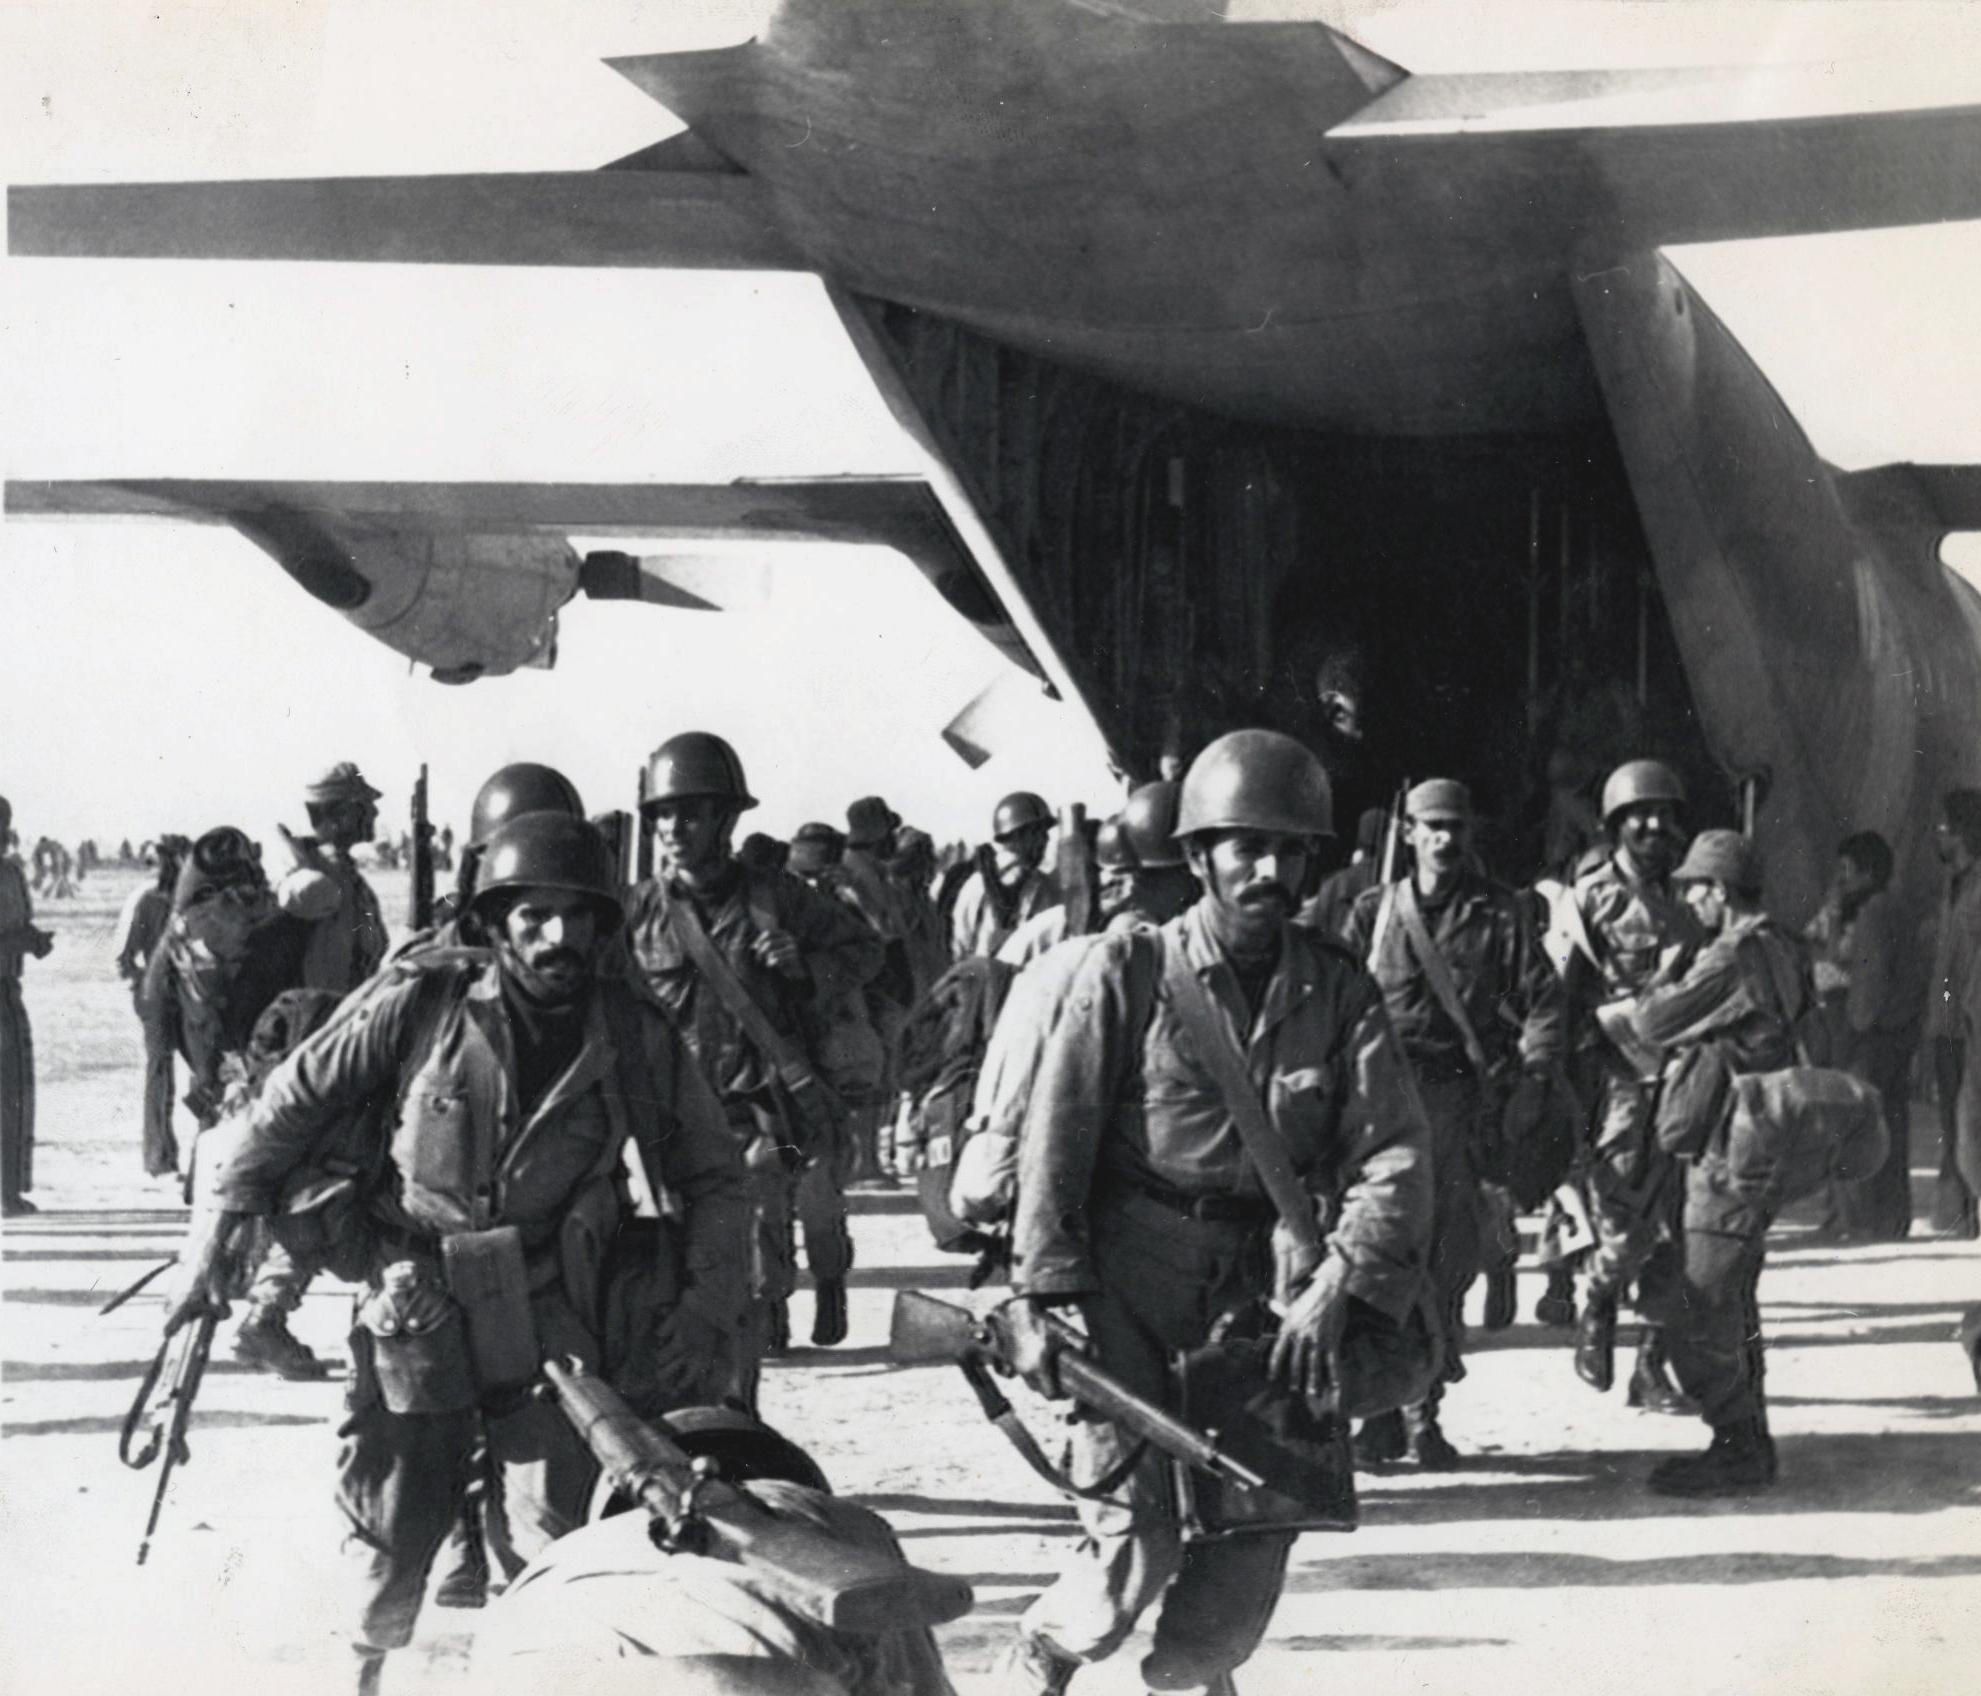 Les FAR durant la Marche Verte 1975 33648261271_54a8e23572_o